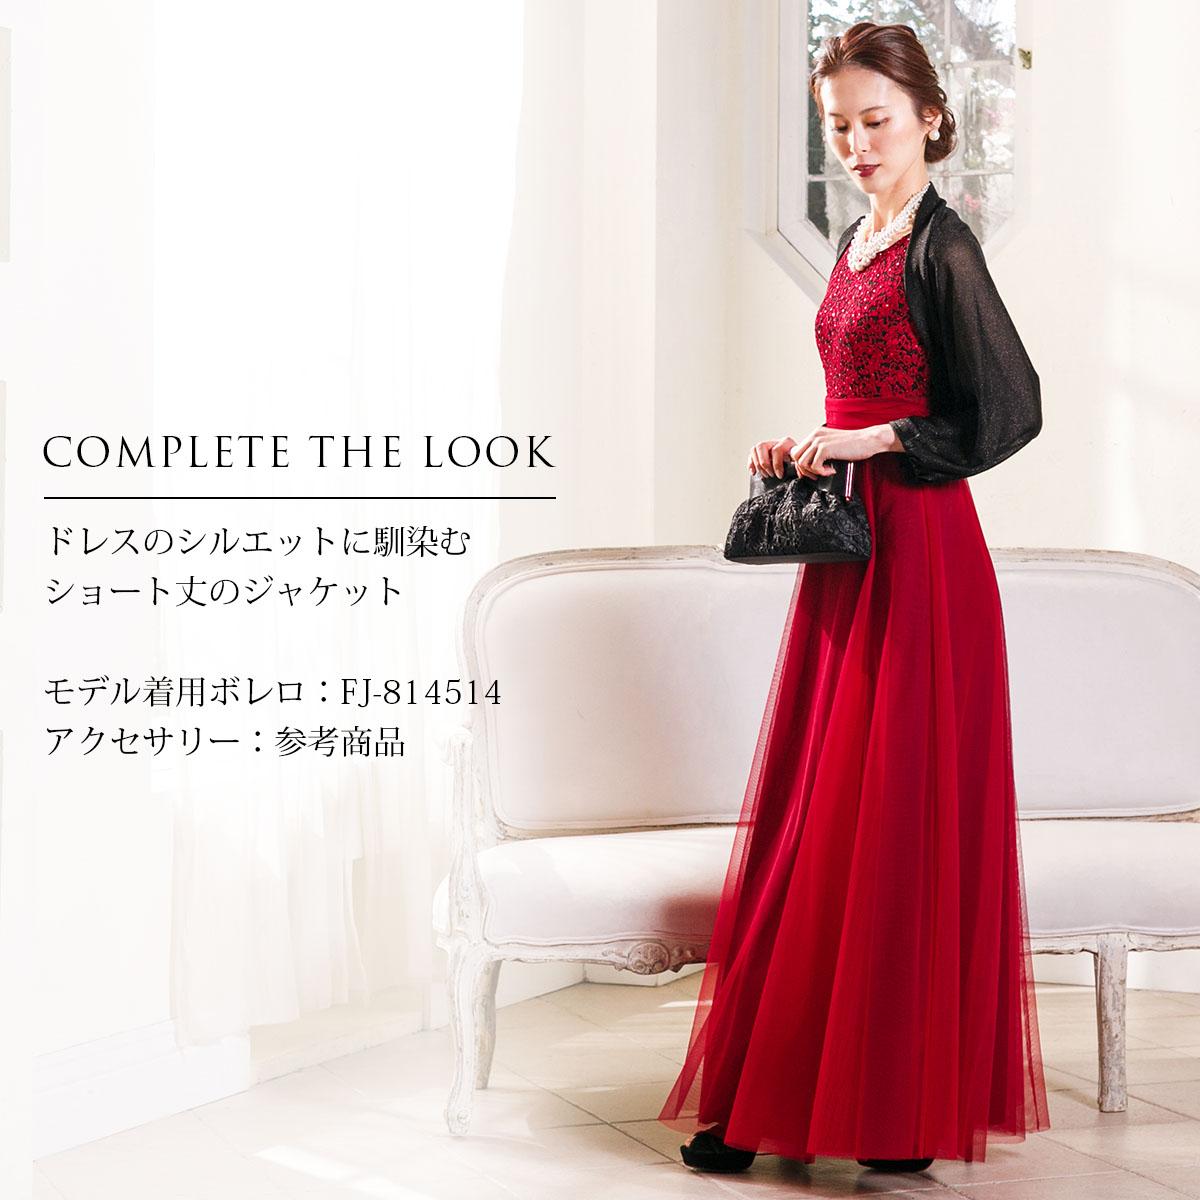 4Lサイズまで大きいサイズのドレスは人気